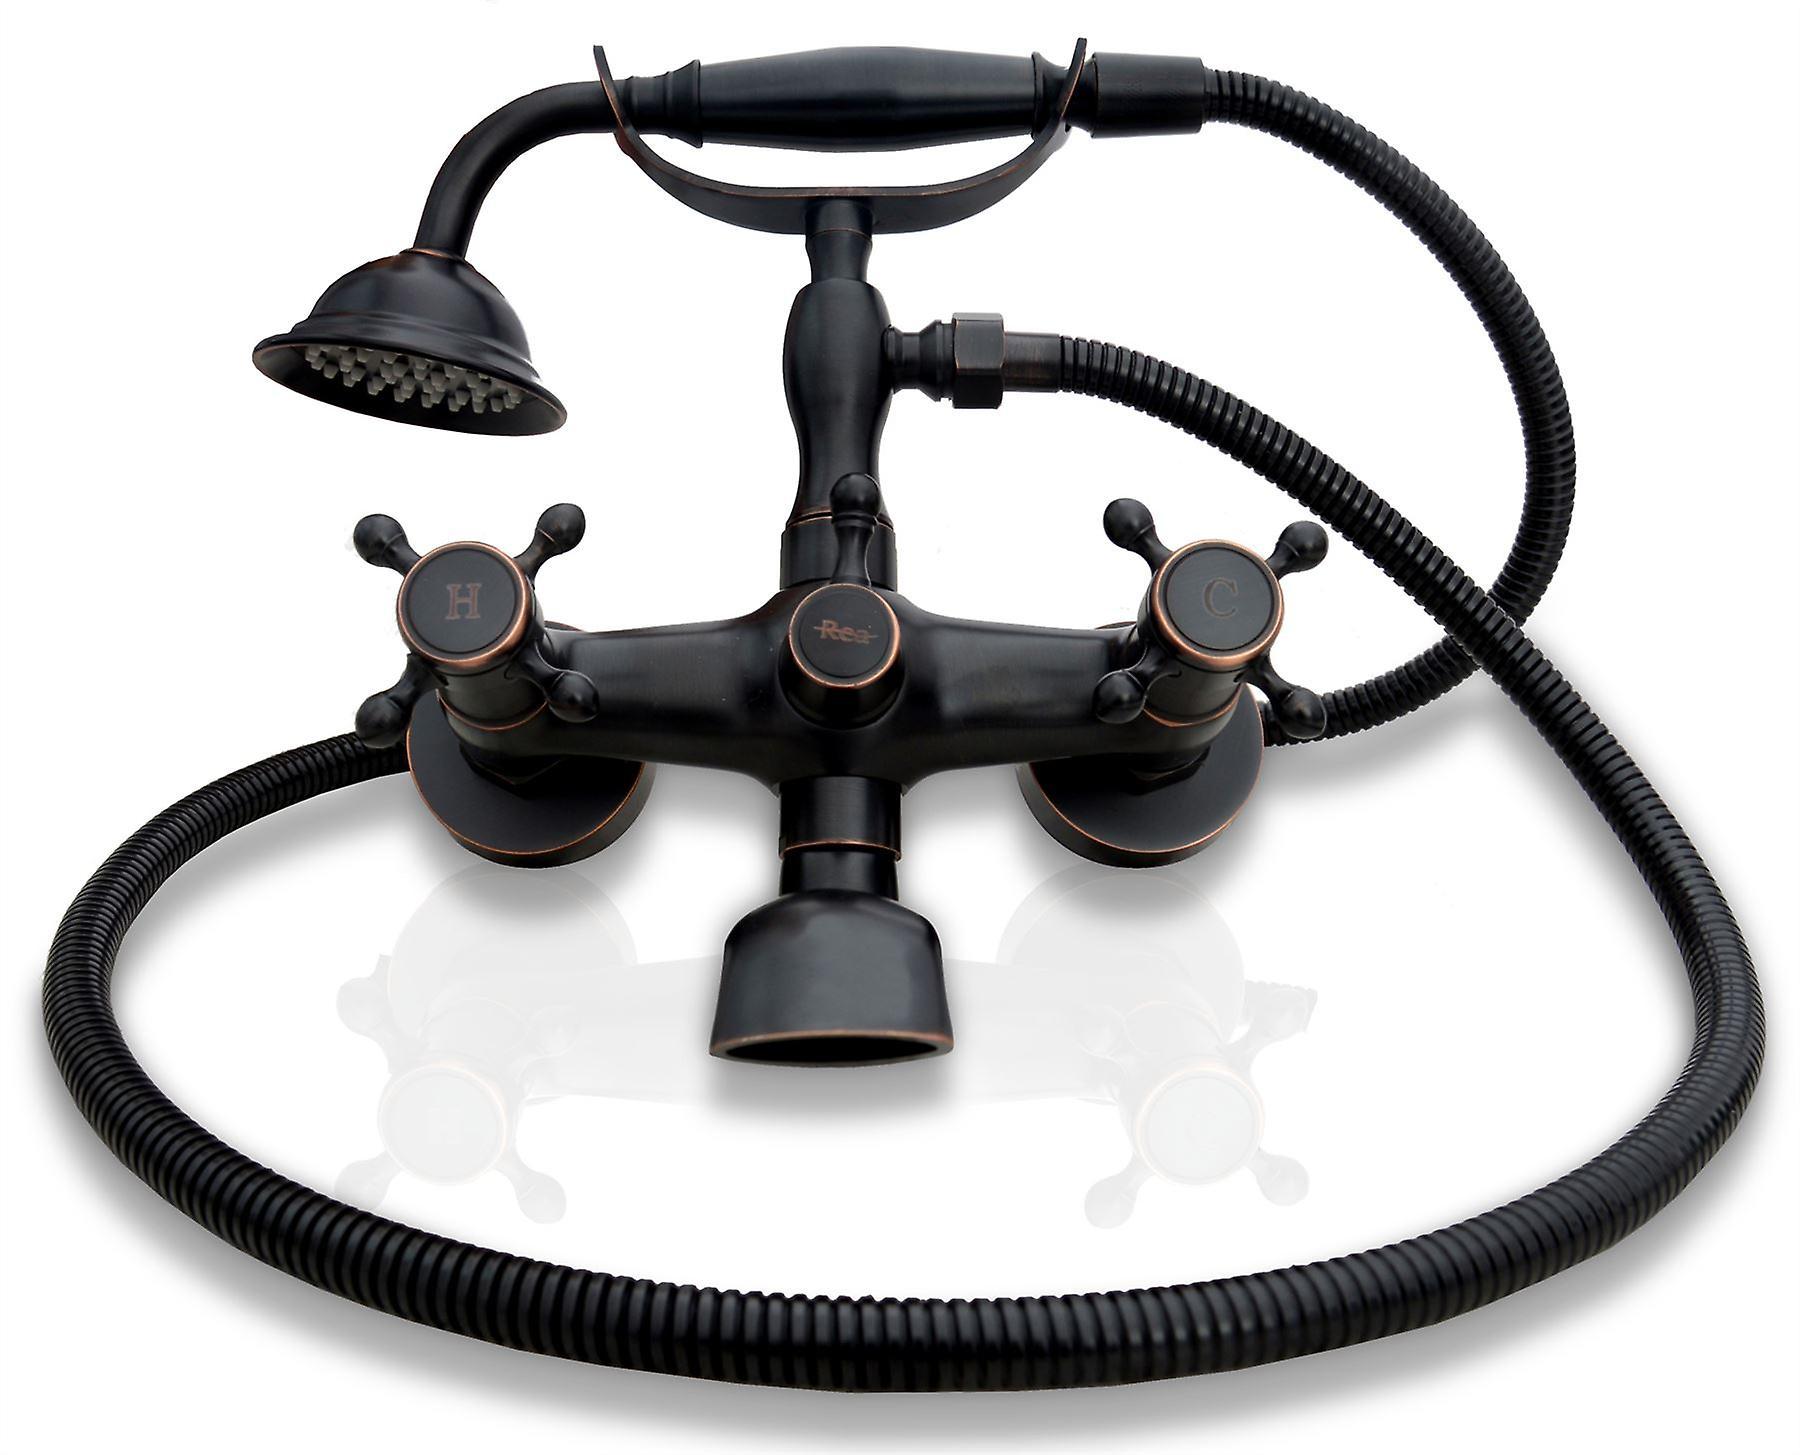 Vintage Bad Wasserhahn Mischer Bad Armatur Retro Alte Schwarze Mit